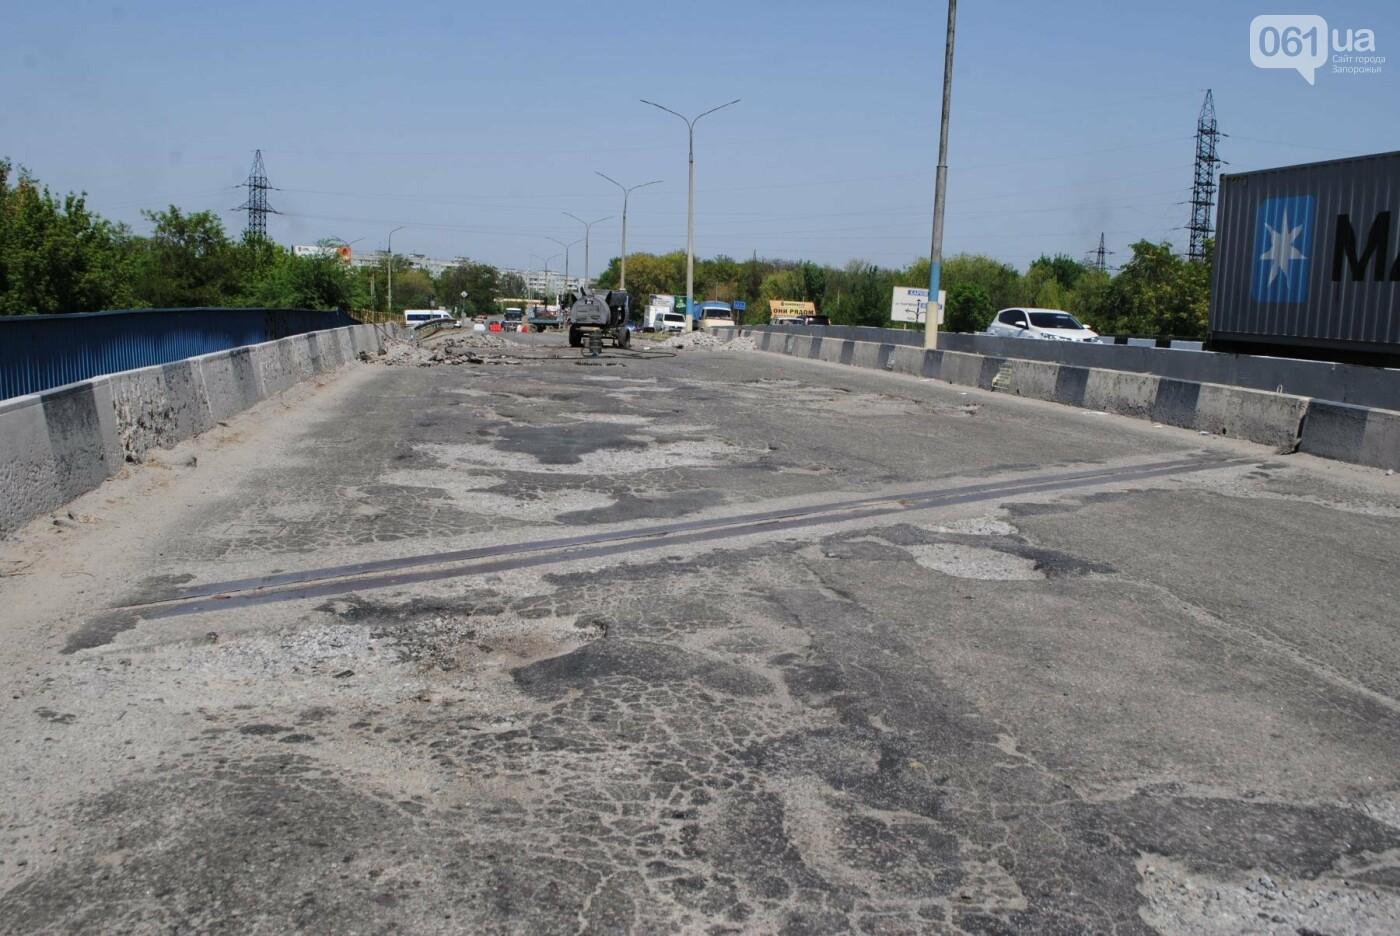 Ремонт моста на трассе в Запорожье: сначала мешали дожди, теперь — жара, - ФОТО, фото-6